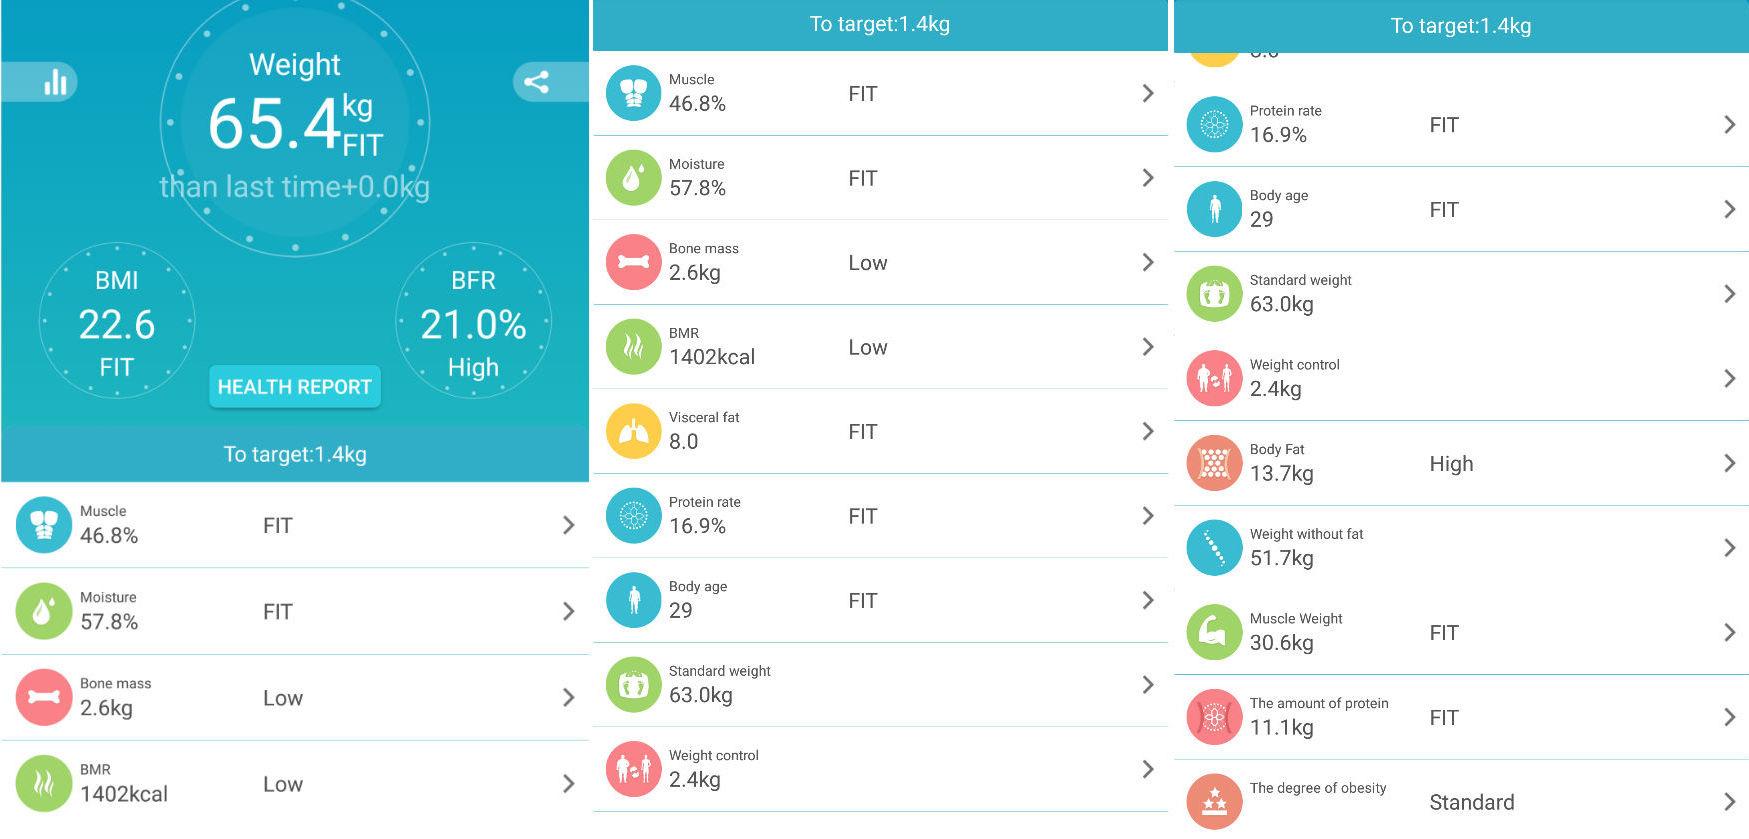 Зачем покупать весы-анализаторы и на какие показатели обращать внимание - 10